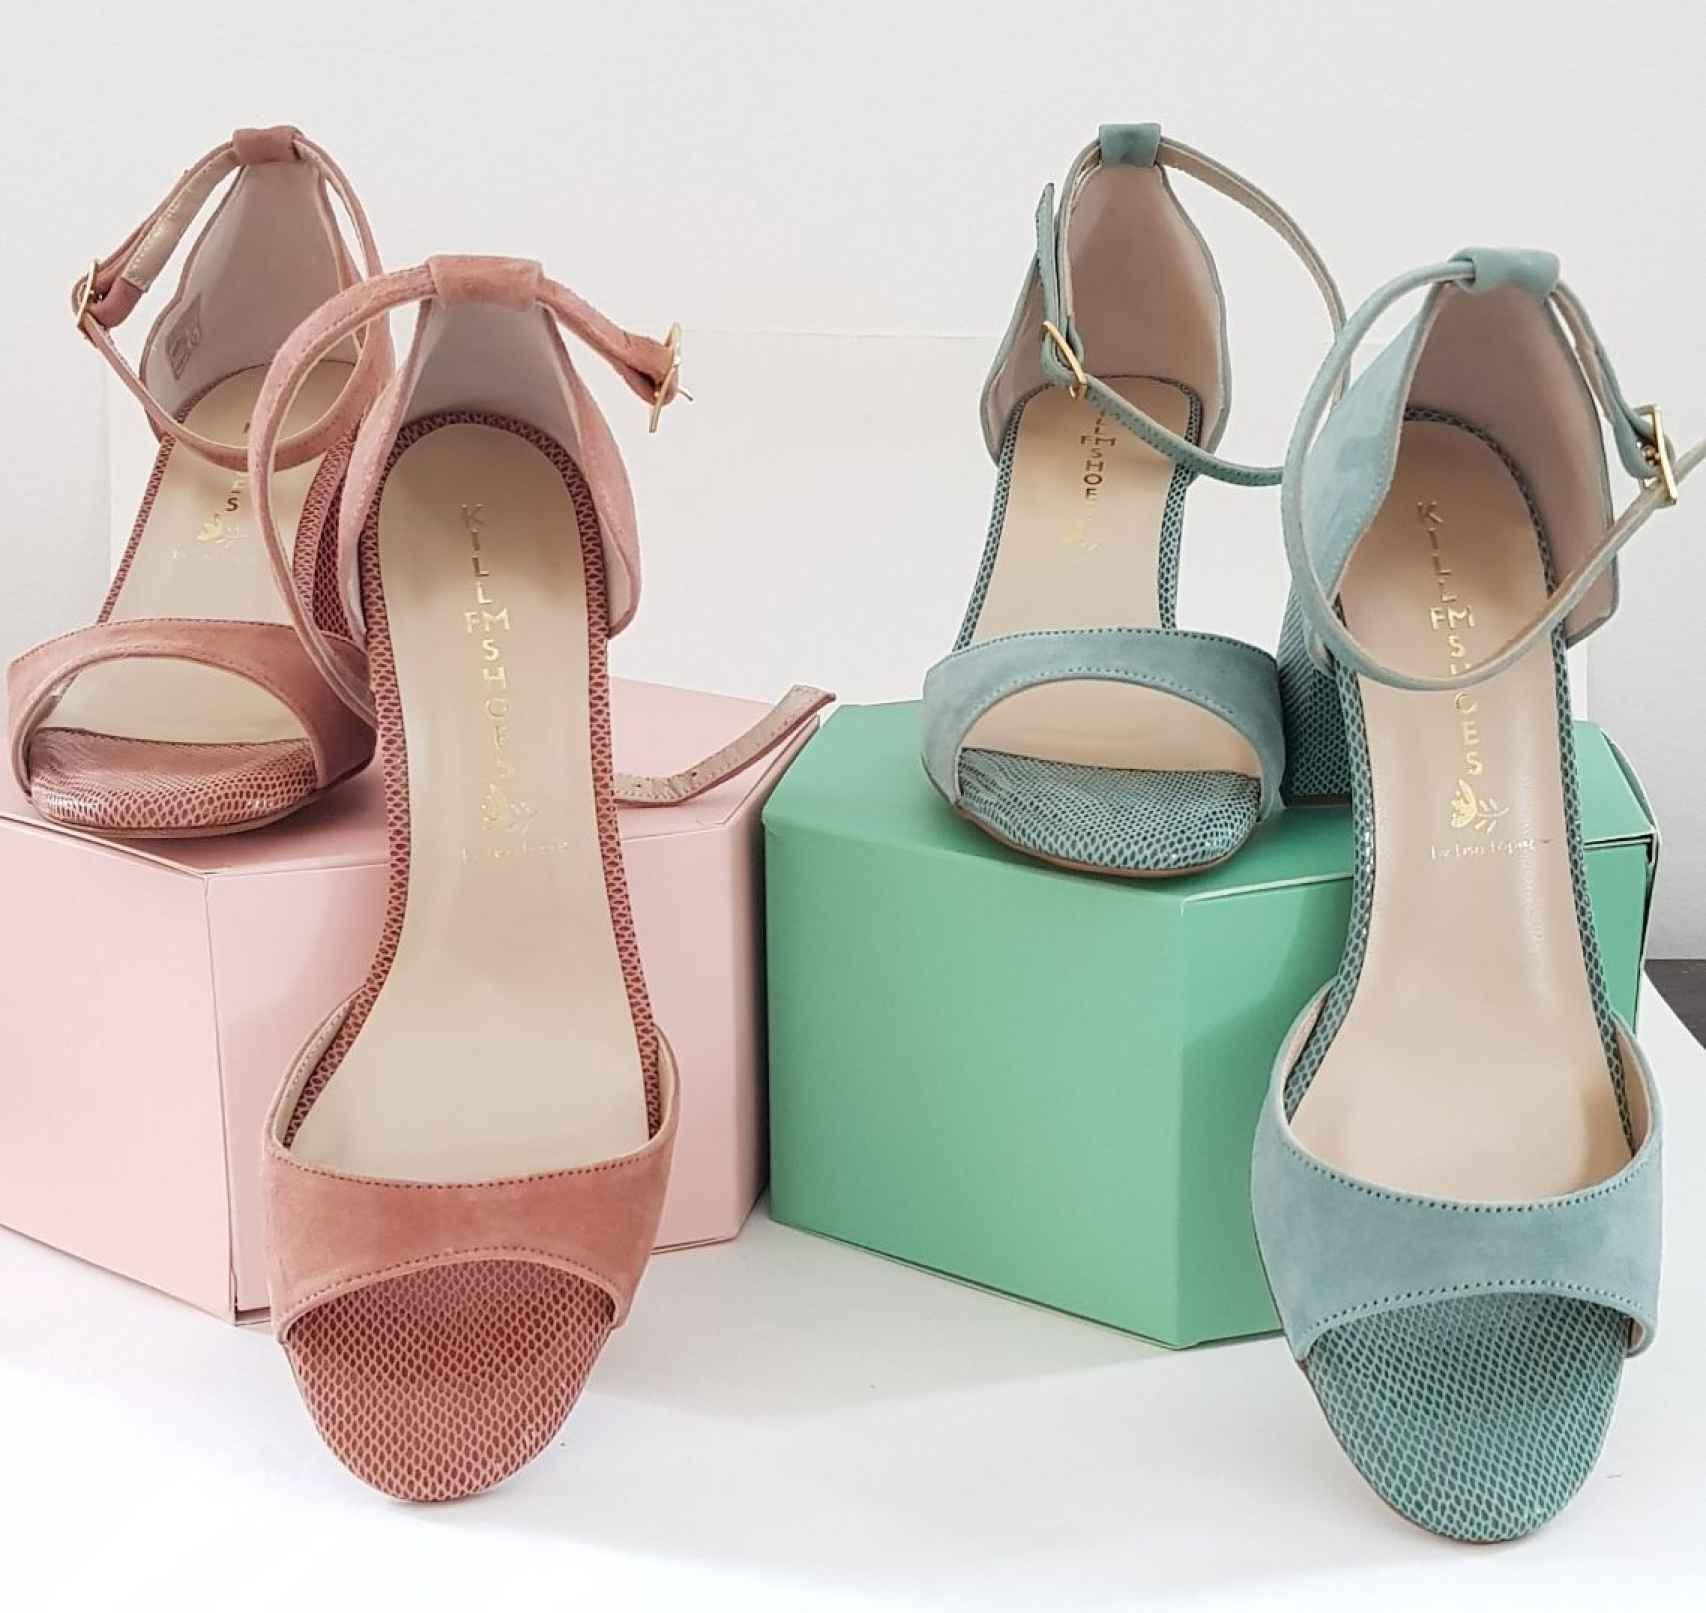 Pueden personalizarse hasta cinco aspectos de las sandalias de Lisa López.